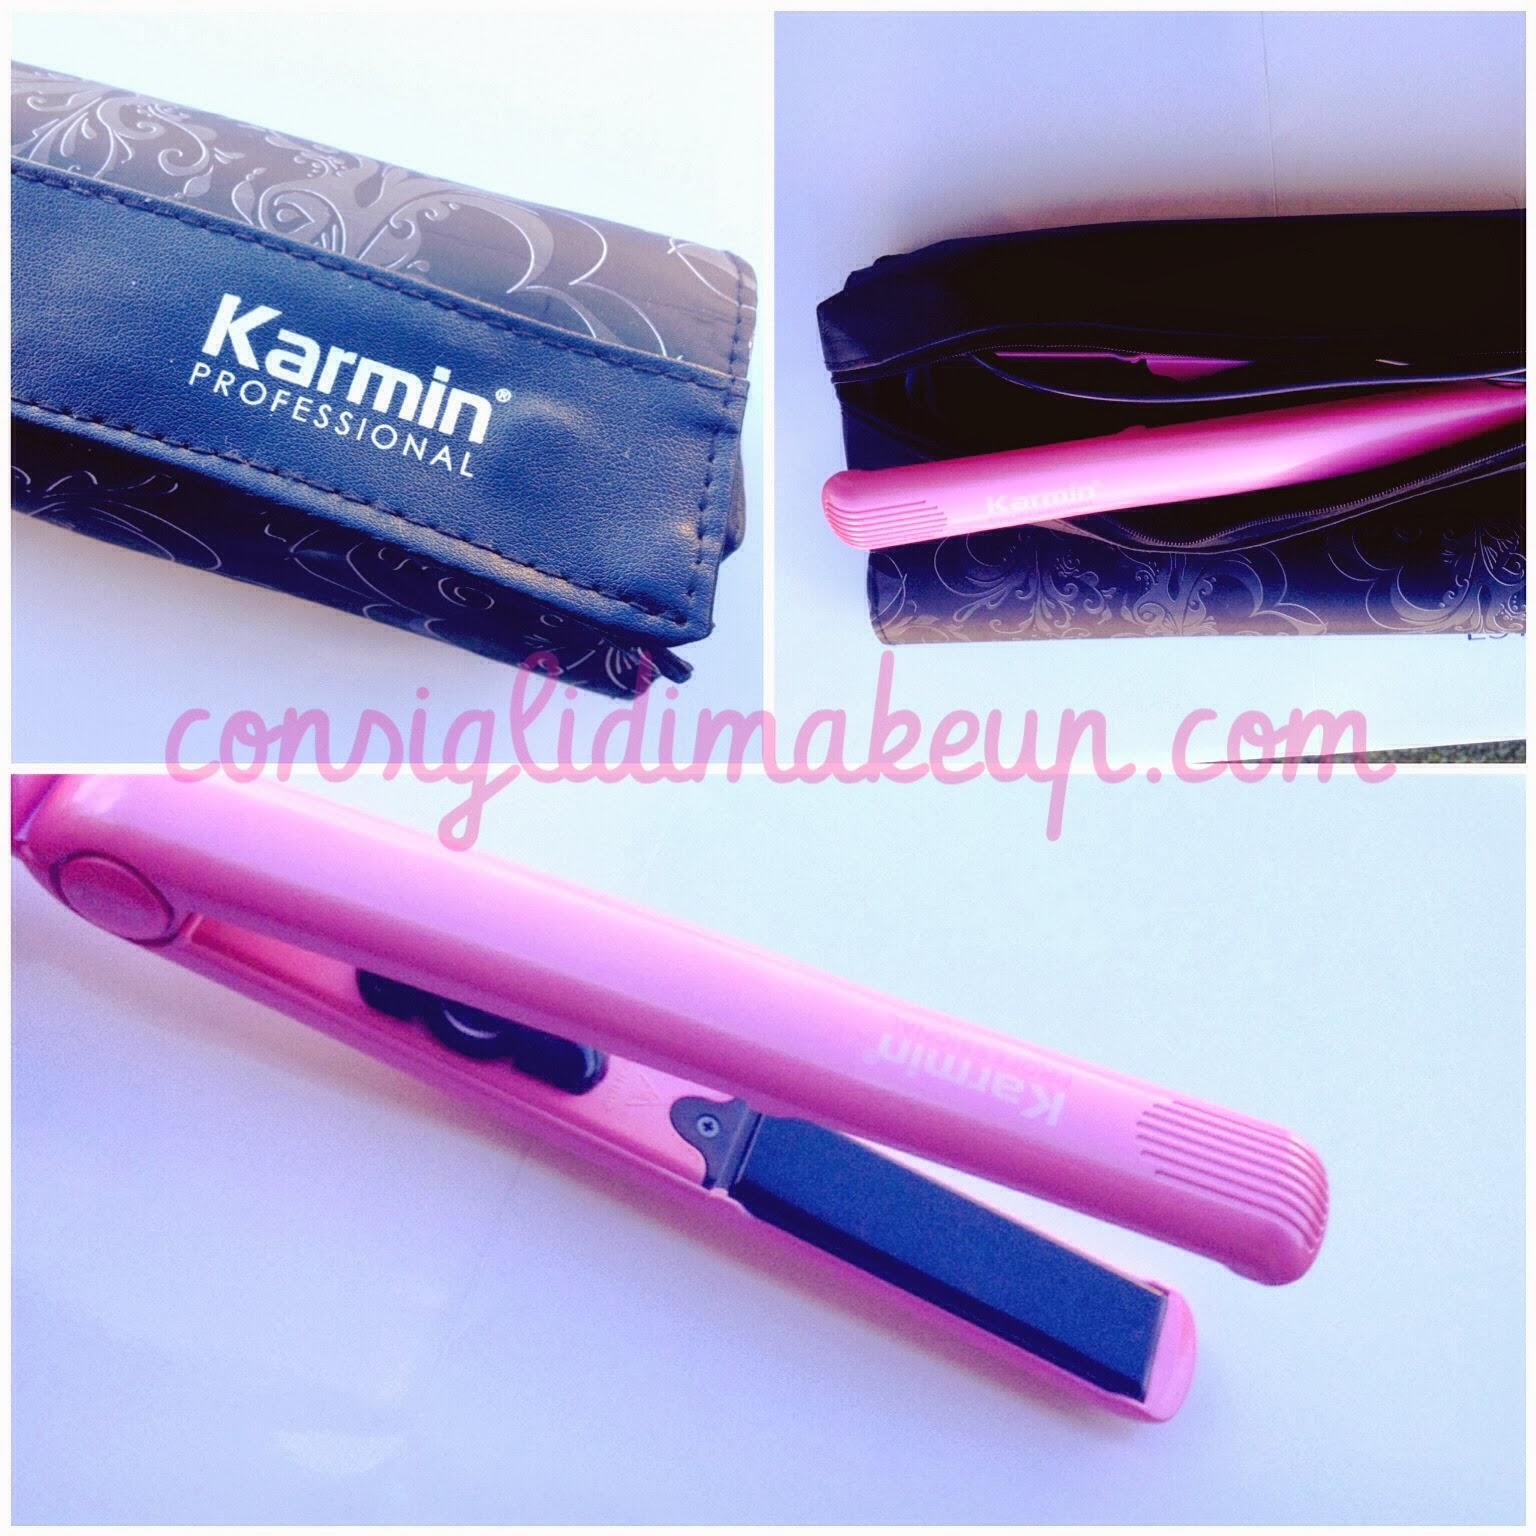 Review: Karmin G3 Salon Pro Pink